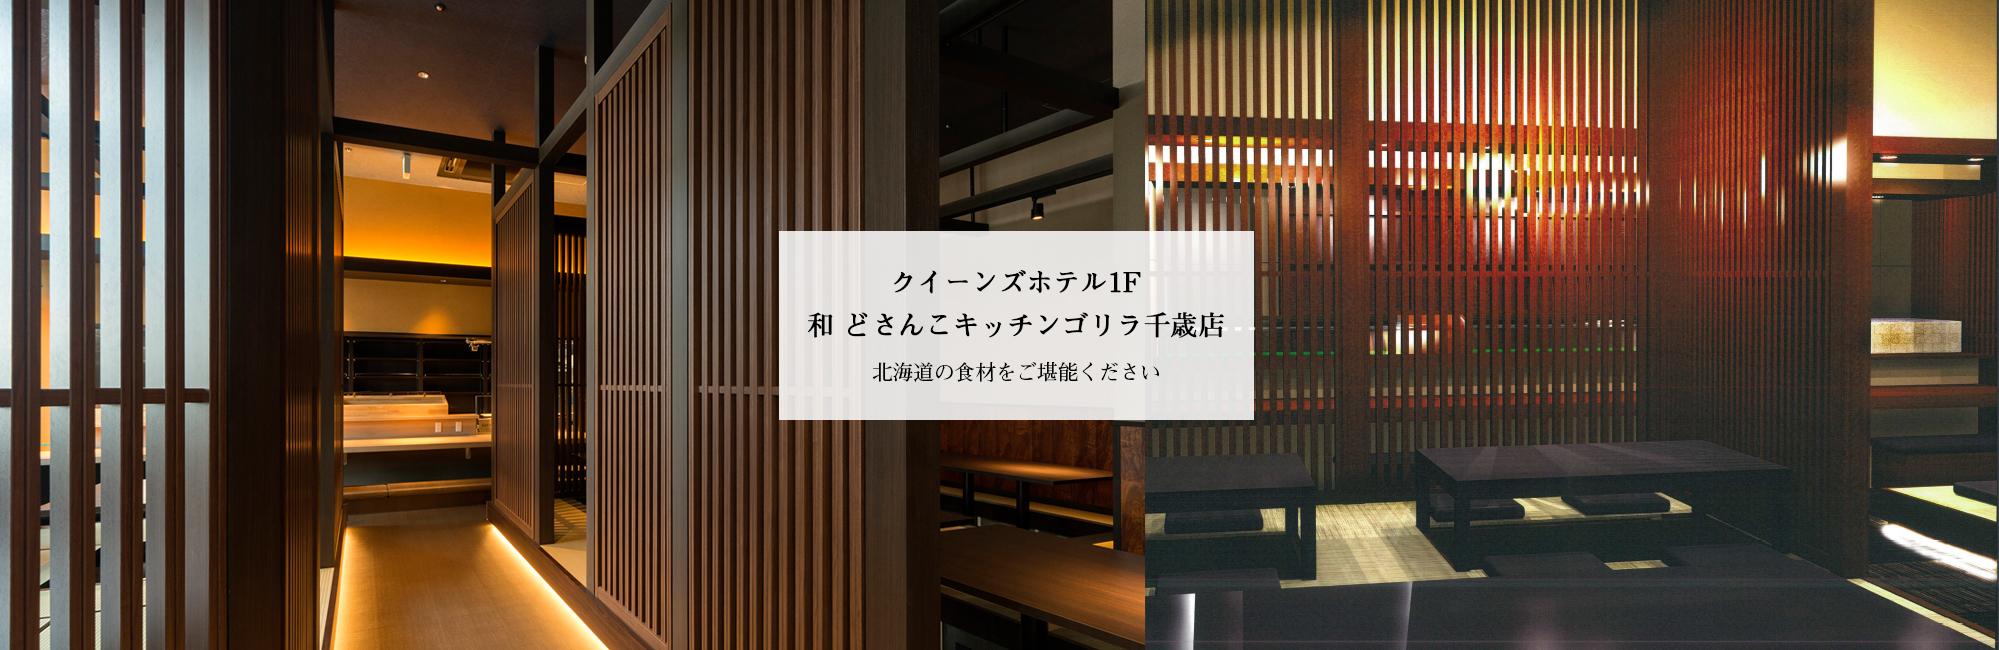 クイーンズホテル1F 和 どさんこキッチンゴリラ千歳店 北海道の食材をご堪能ください